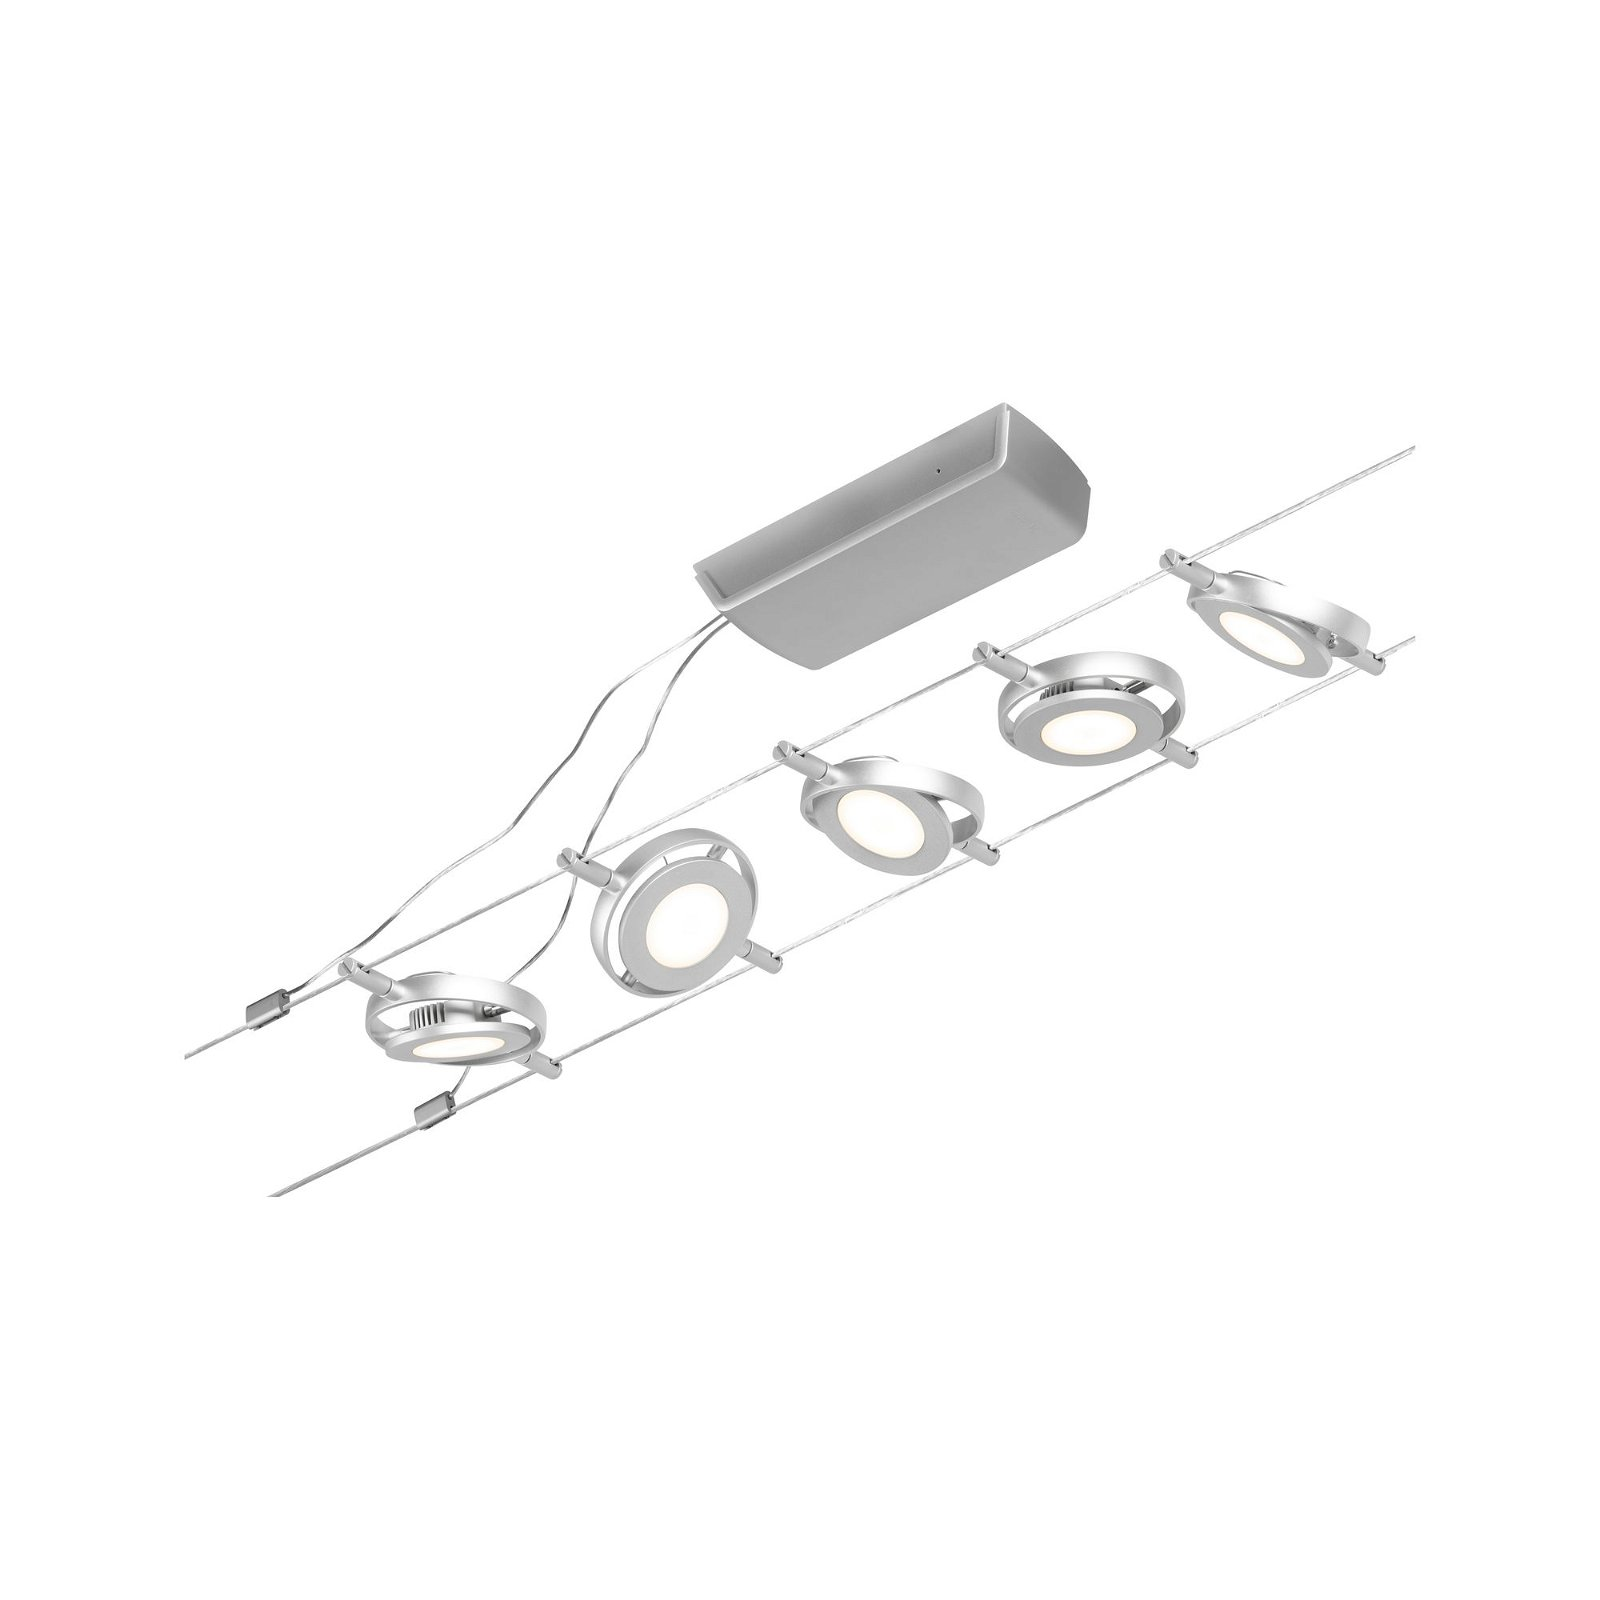 LED Seilsystem RoundMac Basisset 5x450lm 5x4,5W 3000K 230/12V Chrom matt/Chrom